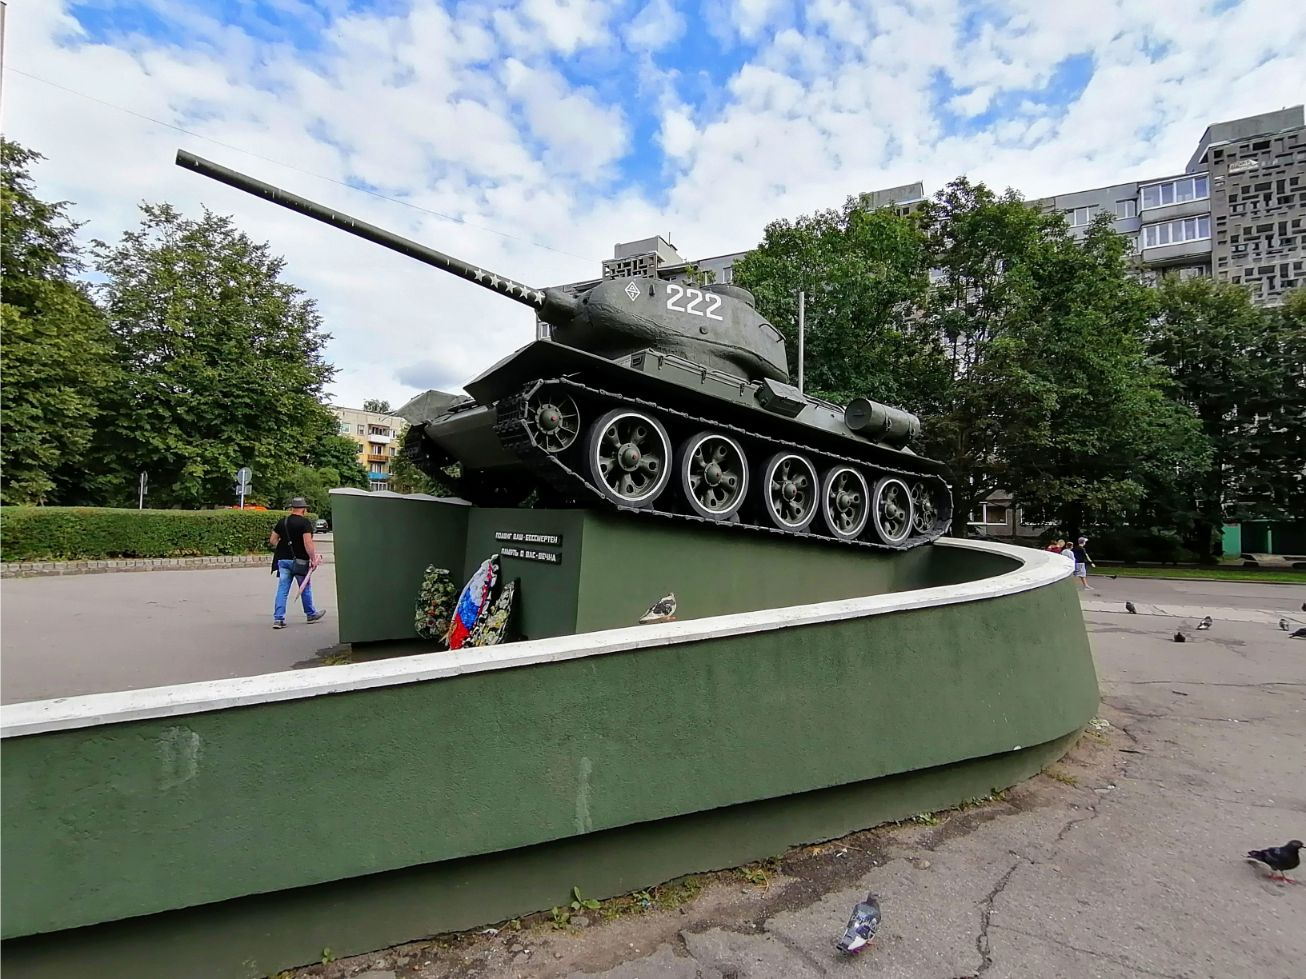 """Rusiškoji karo """"egzotika"""", kurią galima išvysti kiekviename mieste, miestelyje ar kaime. / I. Kriščiūnienės nuotr."""